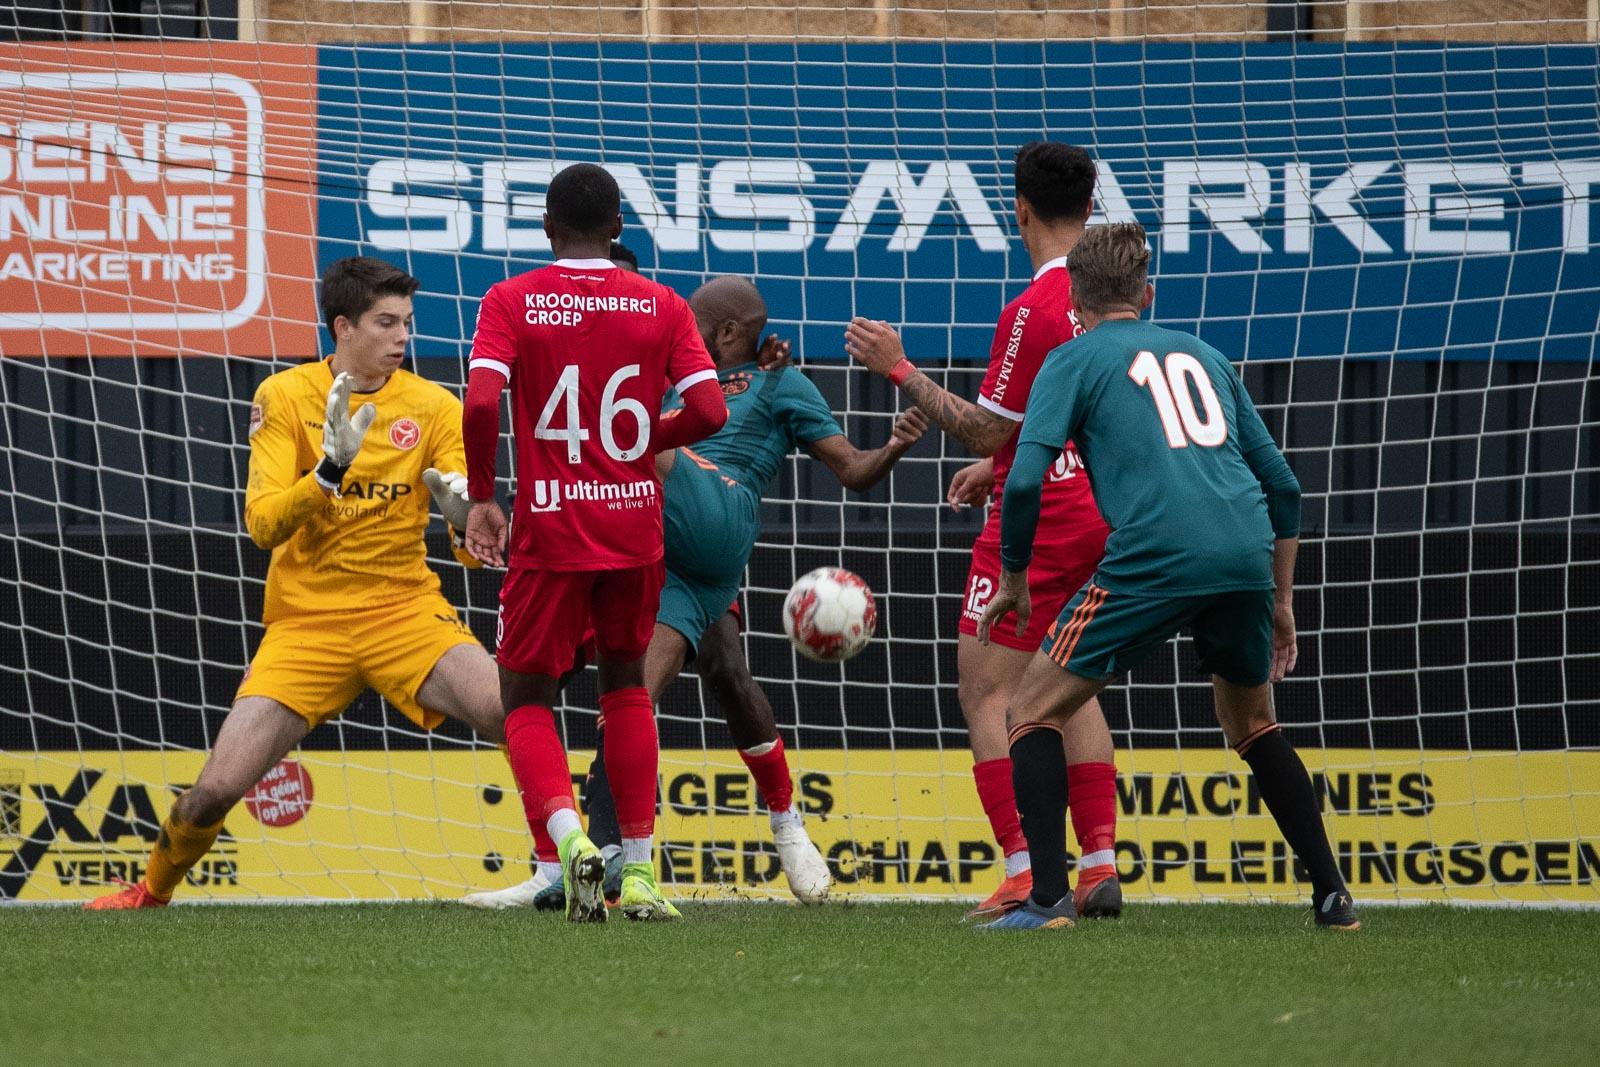 Zespuntenduel voor Jong Almere City FC in Barendrecht